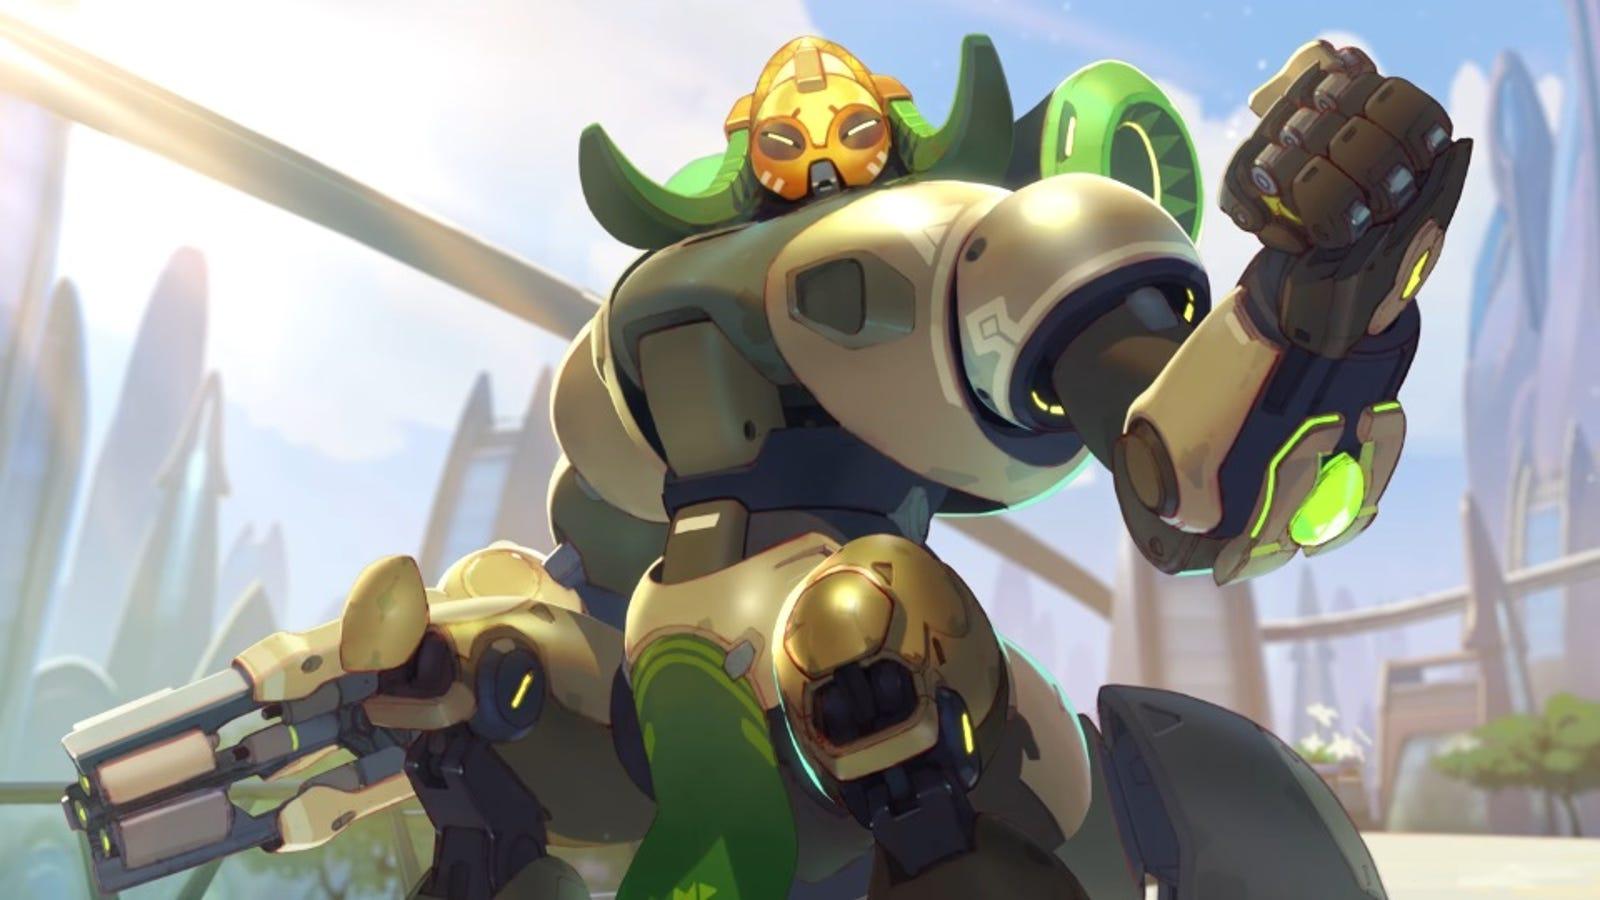 El nuevo personaje de Overwatch es una araña robot capaz de aguantar cantidades masivas de daño